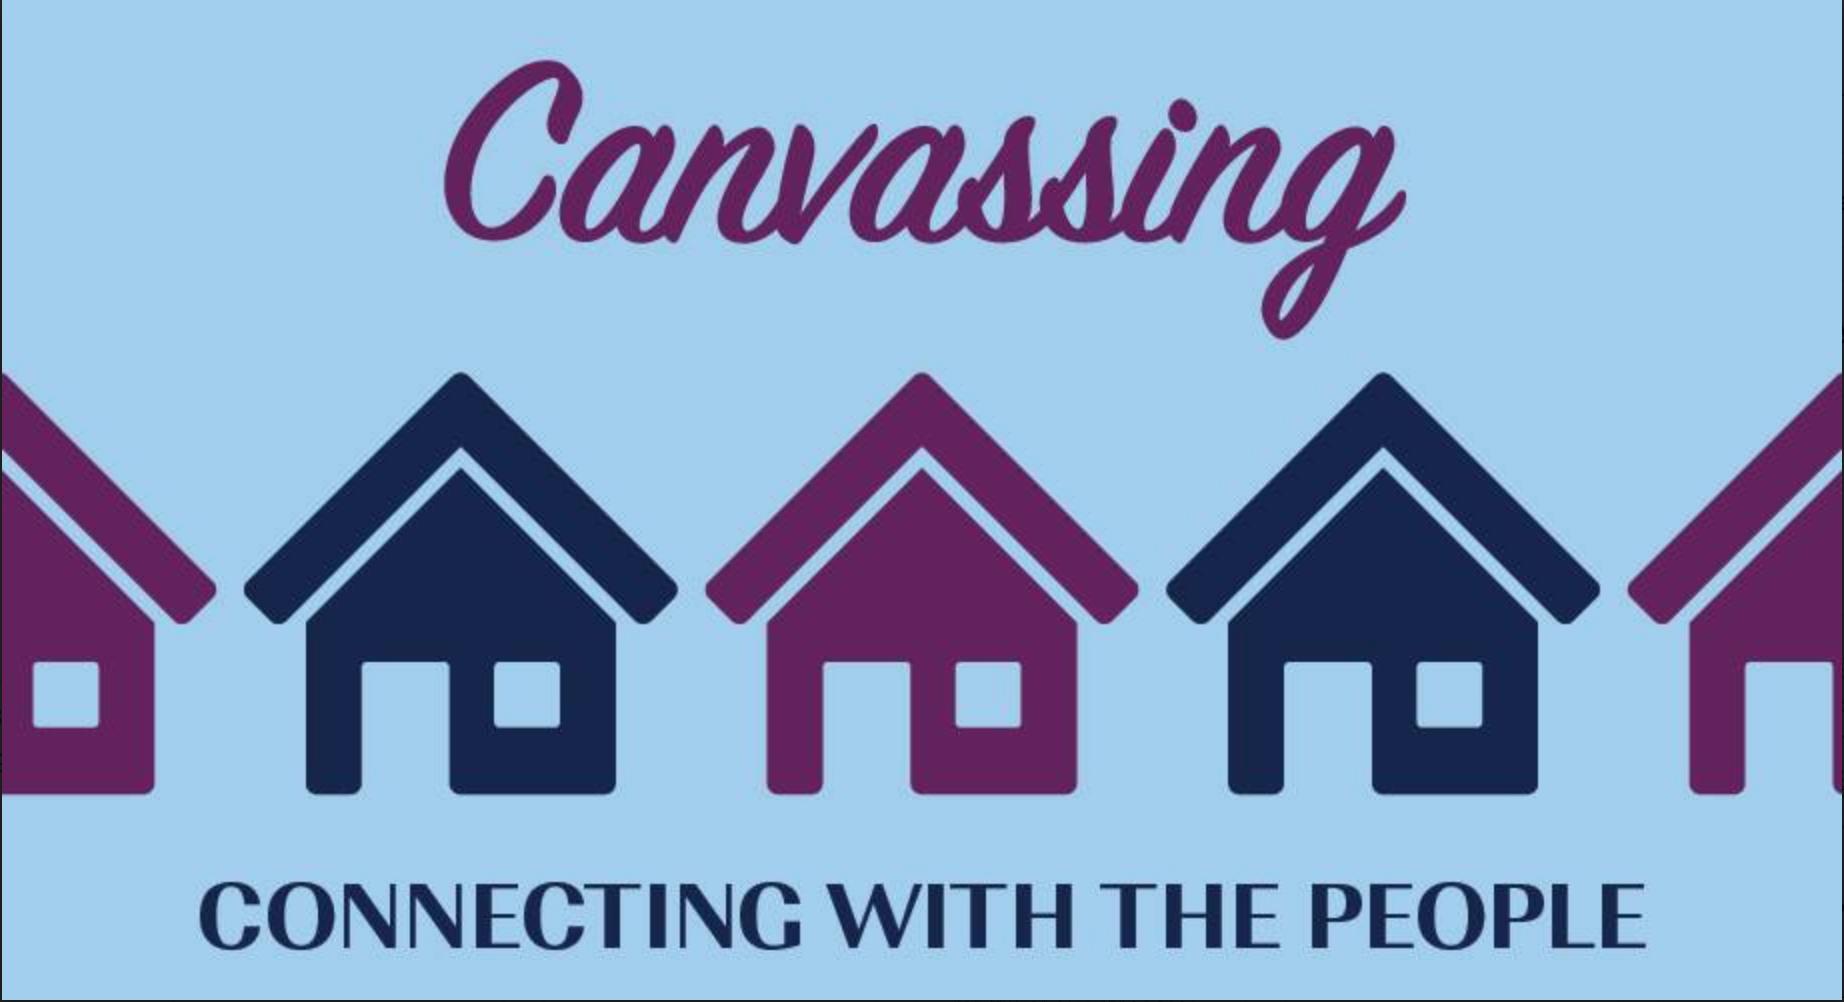 Southwest Community Center Canvass Launch